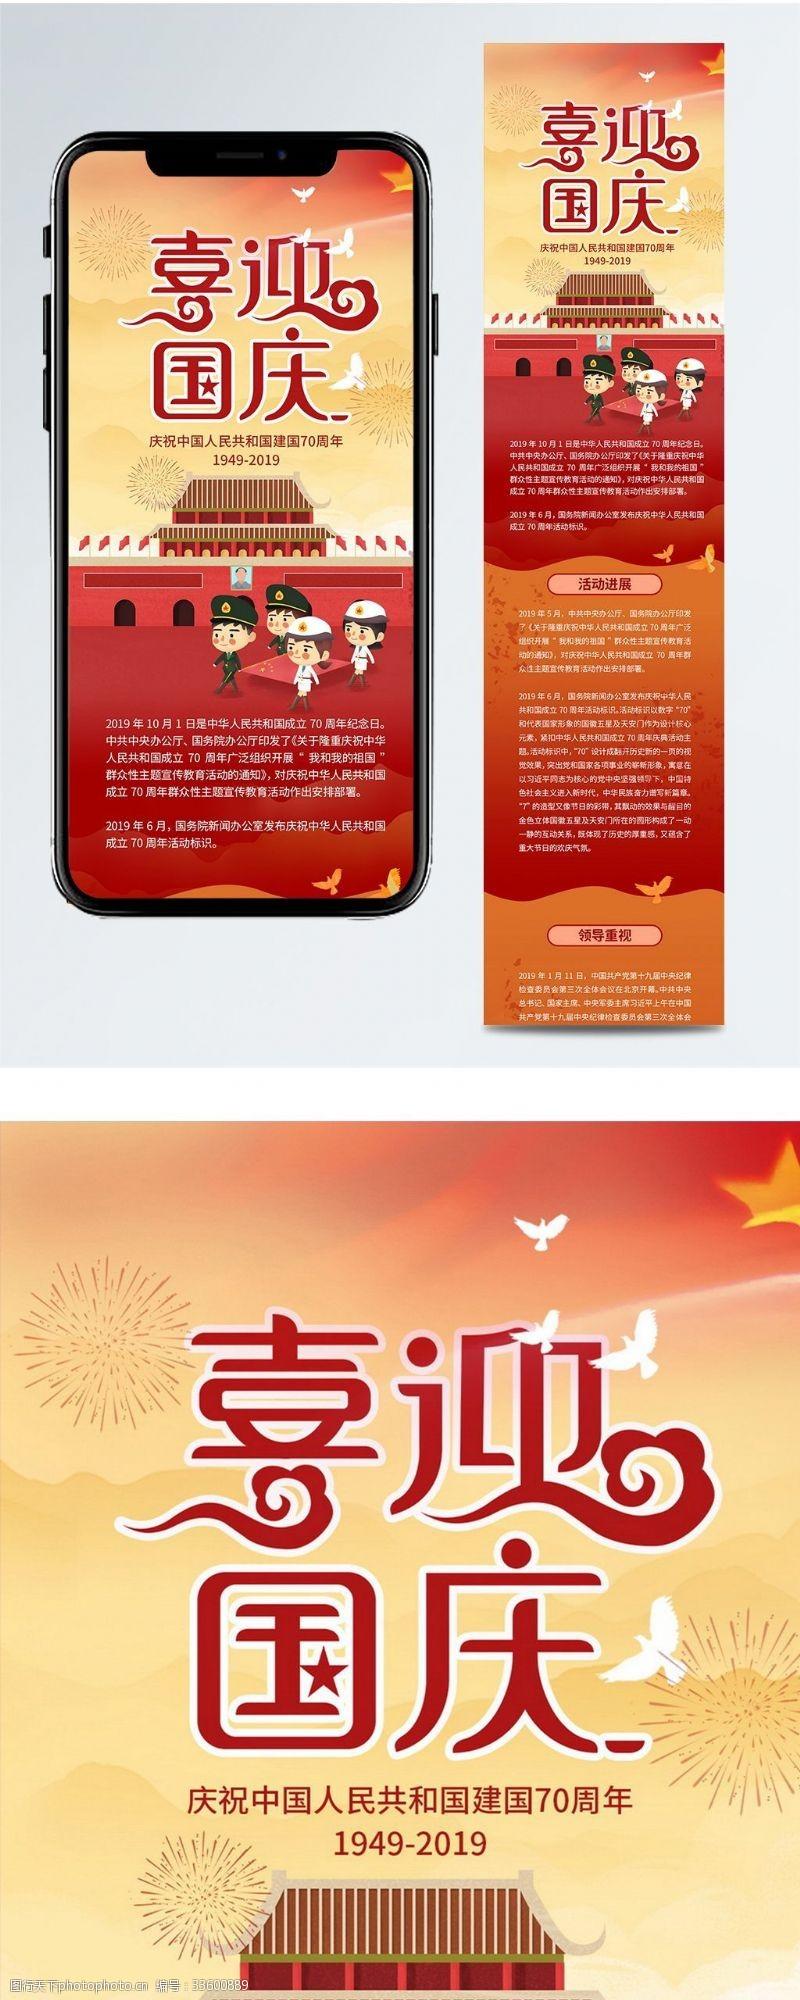 手机微信配图喜迎国庆阅兵军装旗手升国旗信息长图